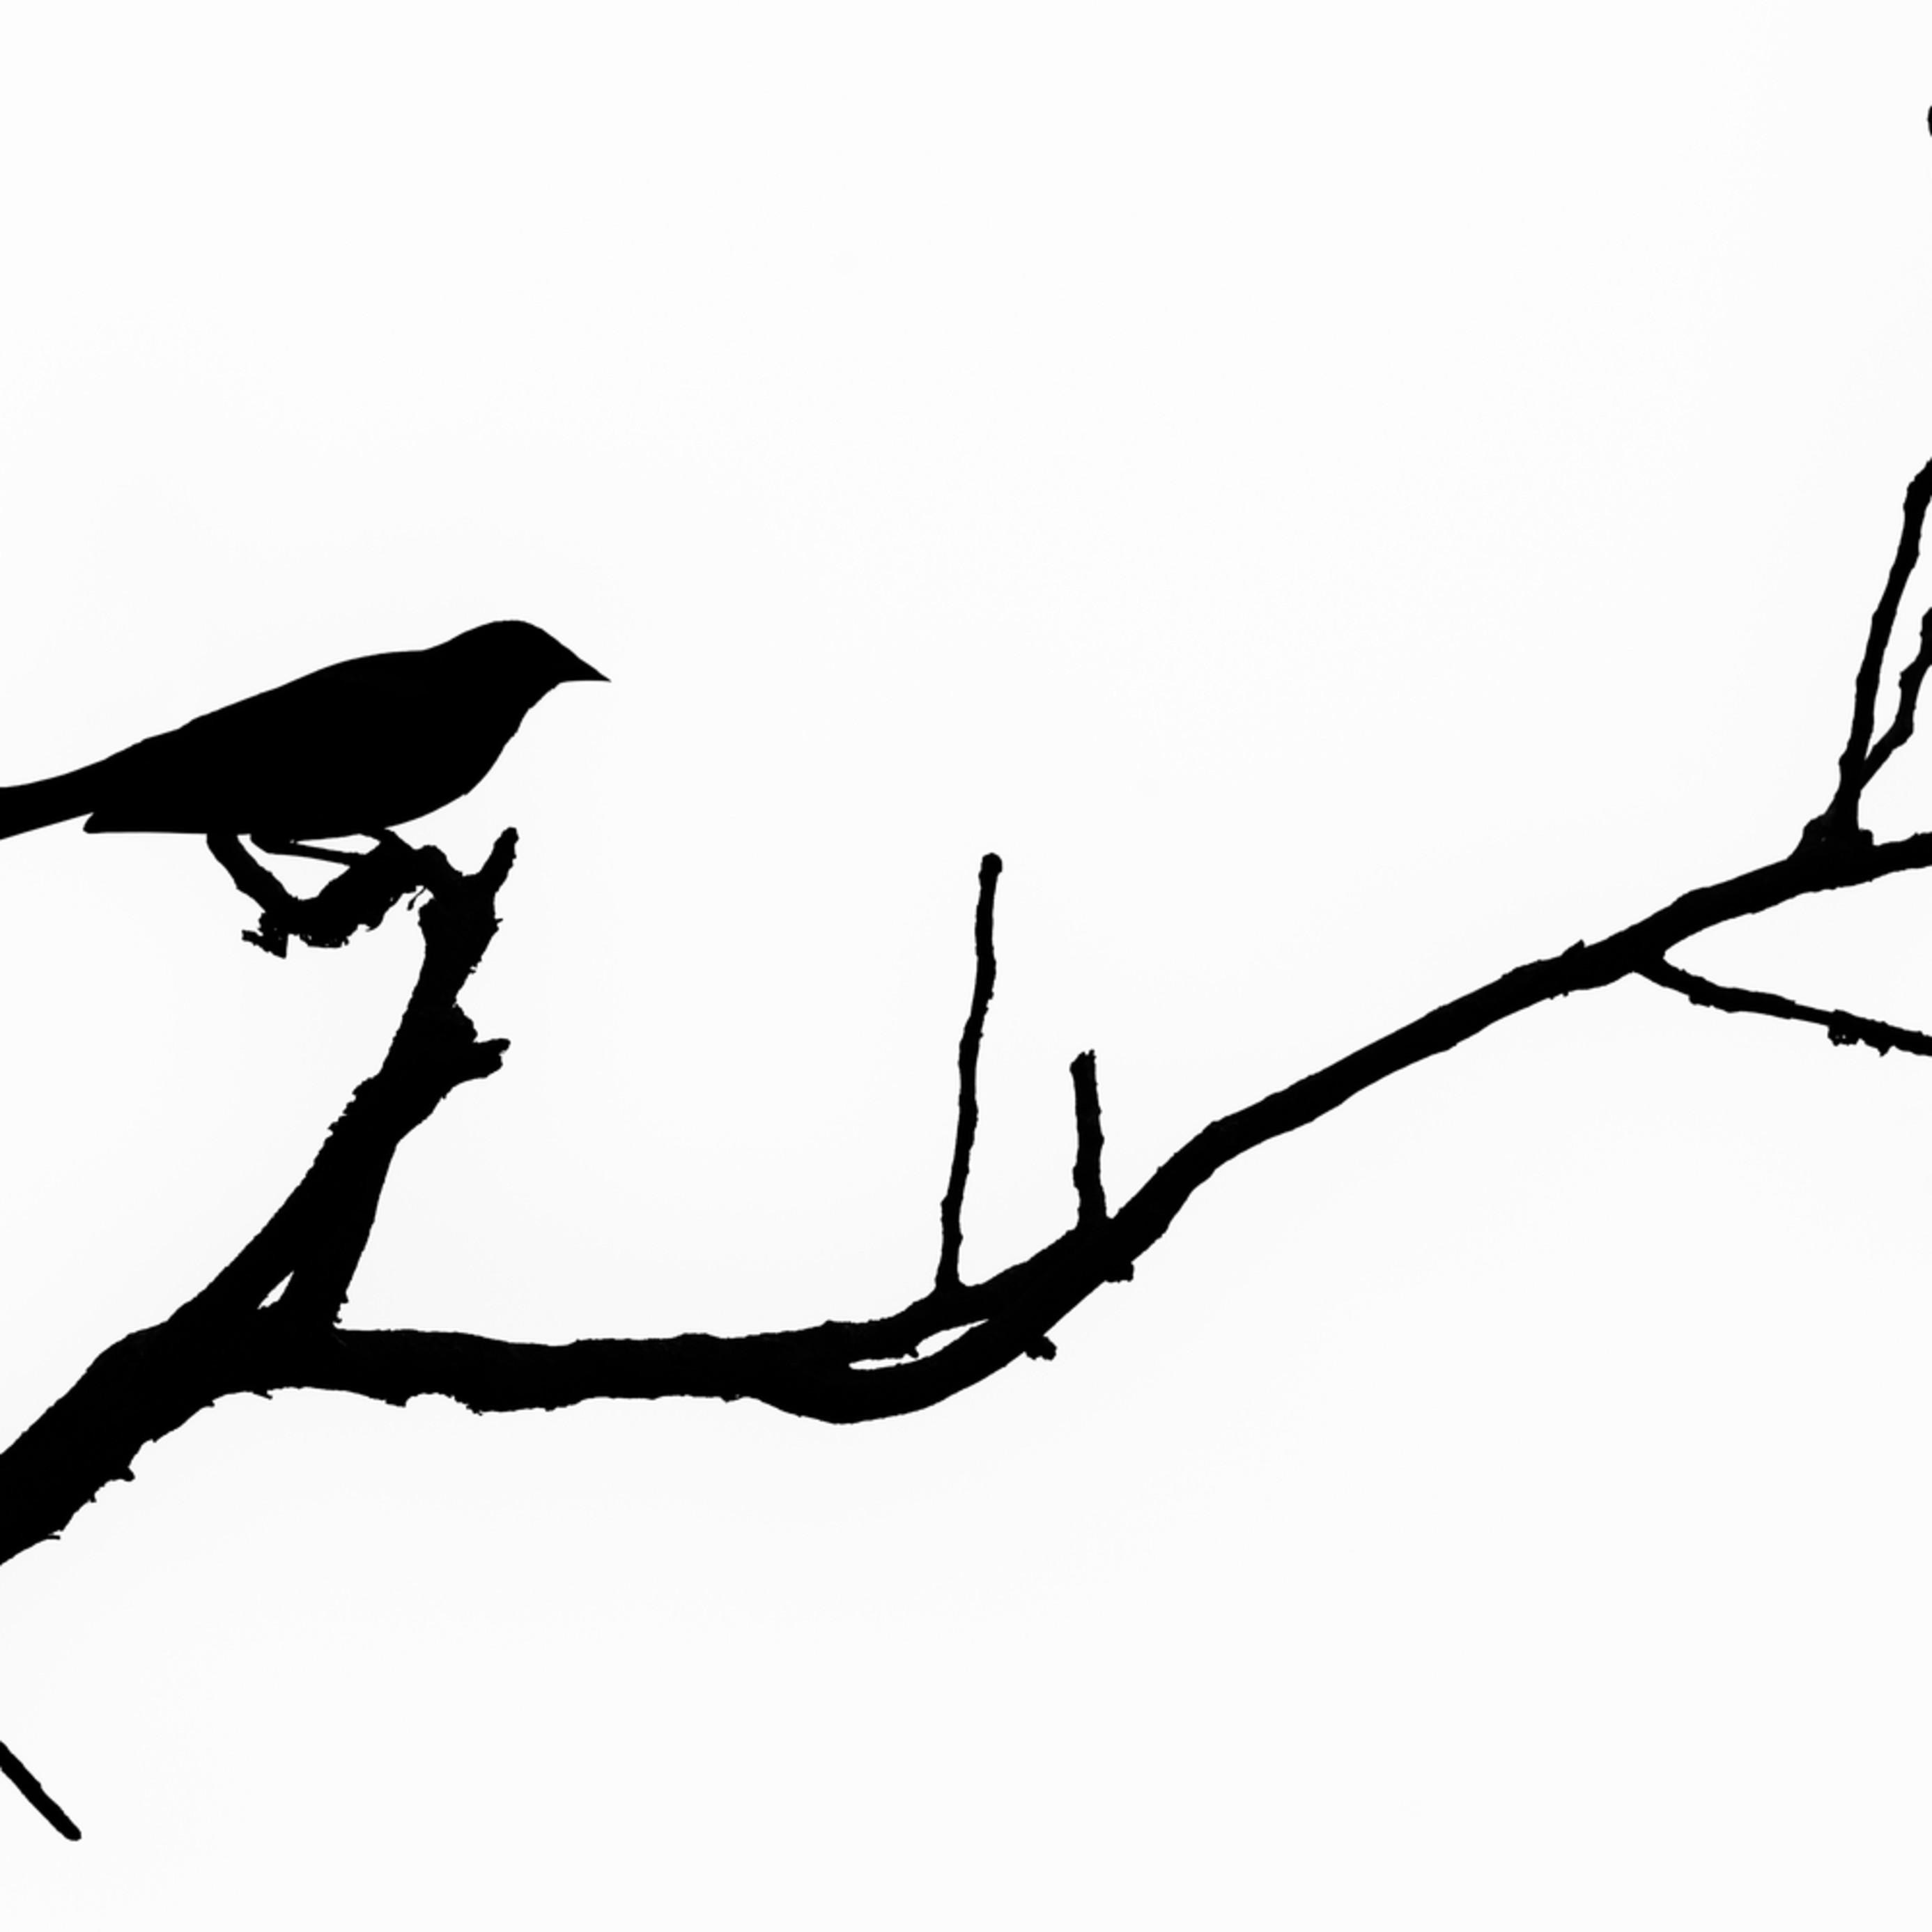 Bird silhouette viii bs5hzv